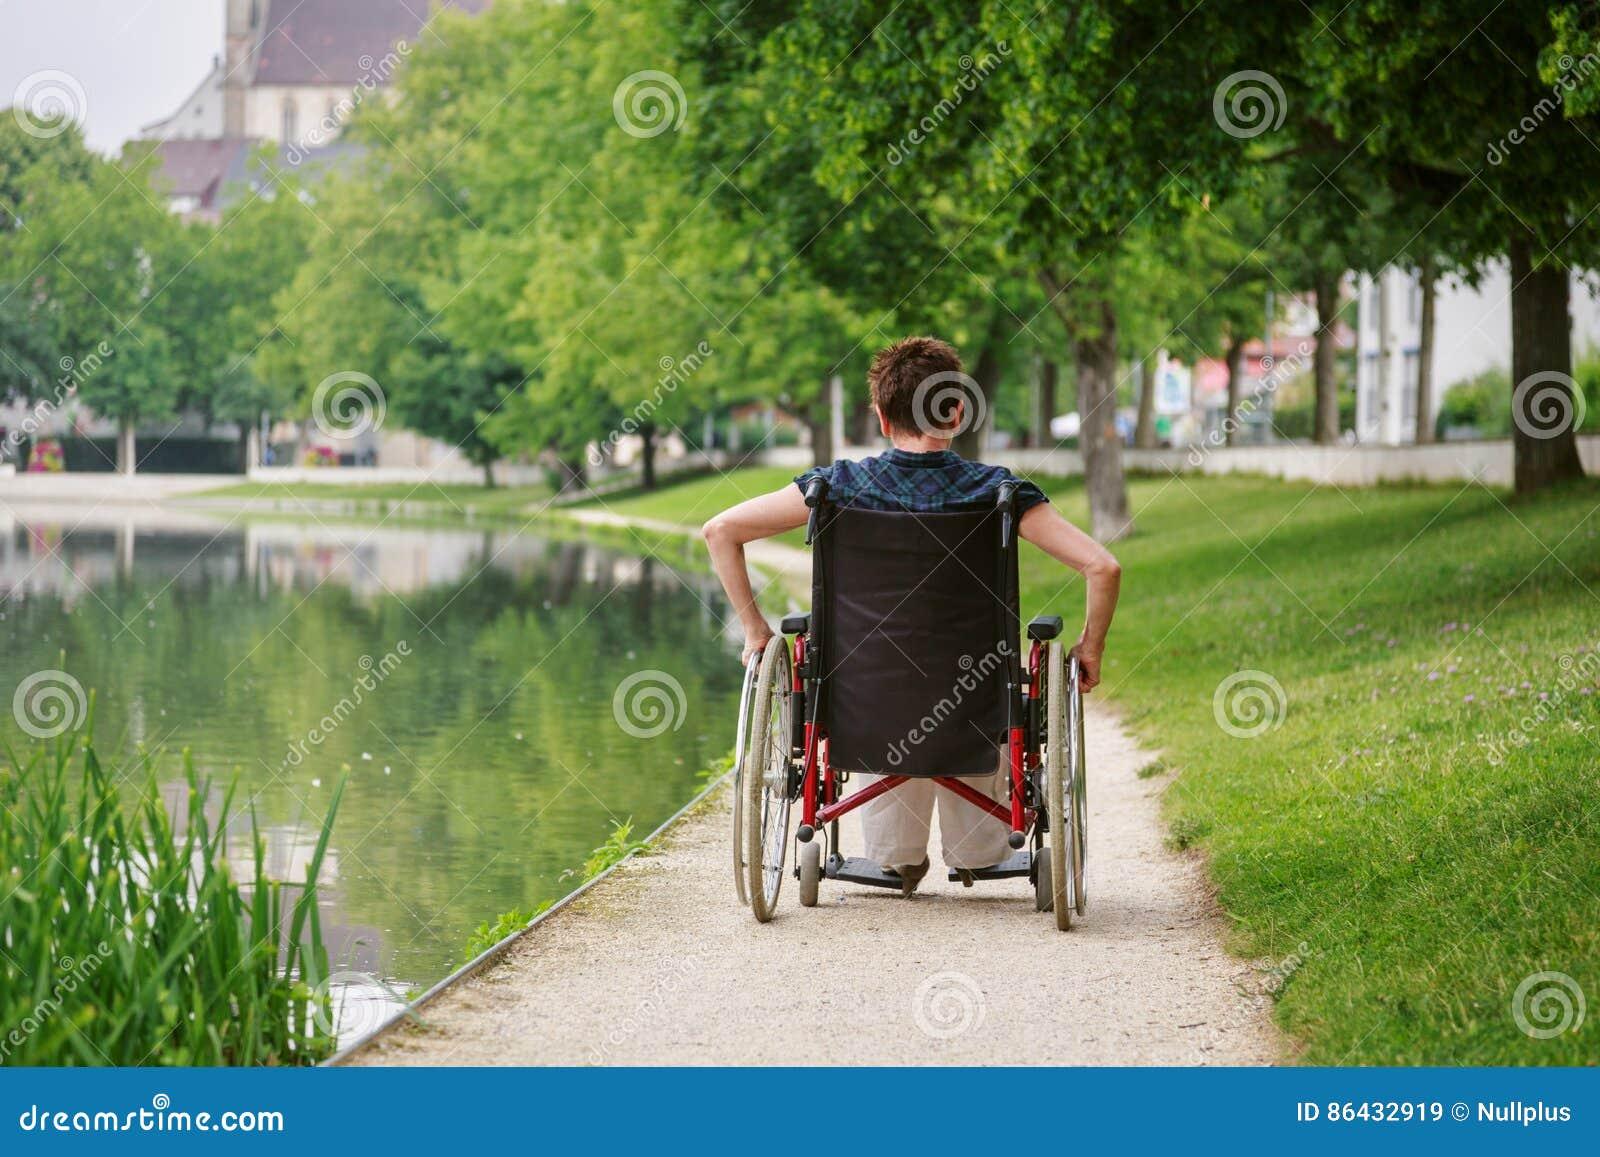 Mayores en silla de ruedas